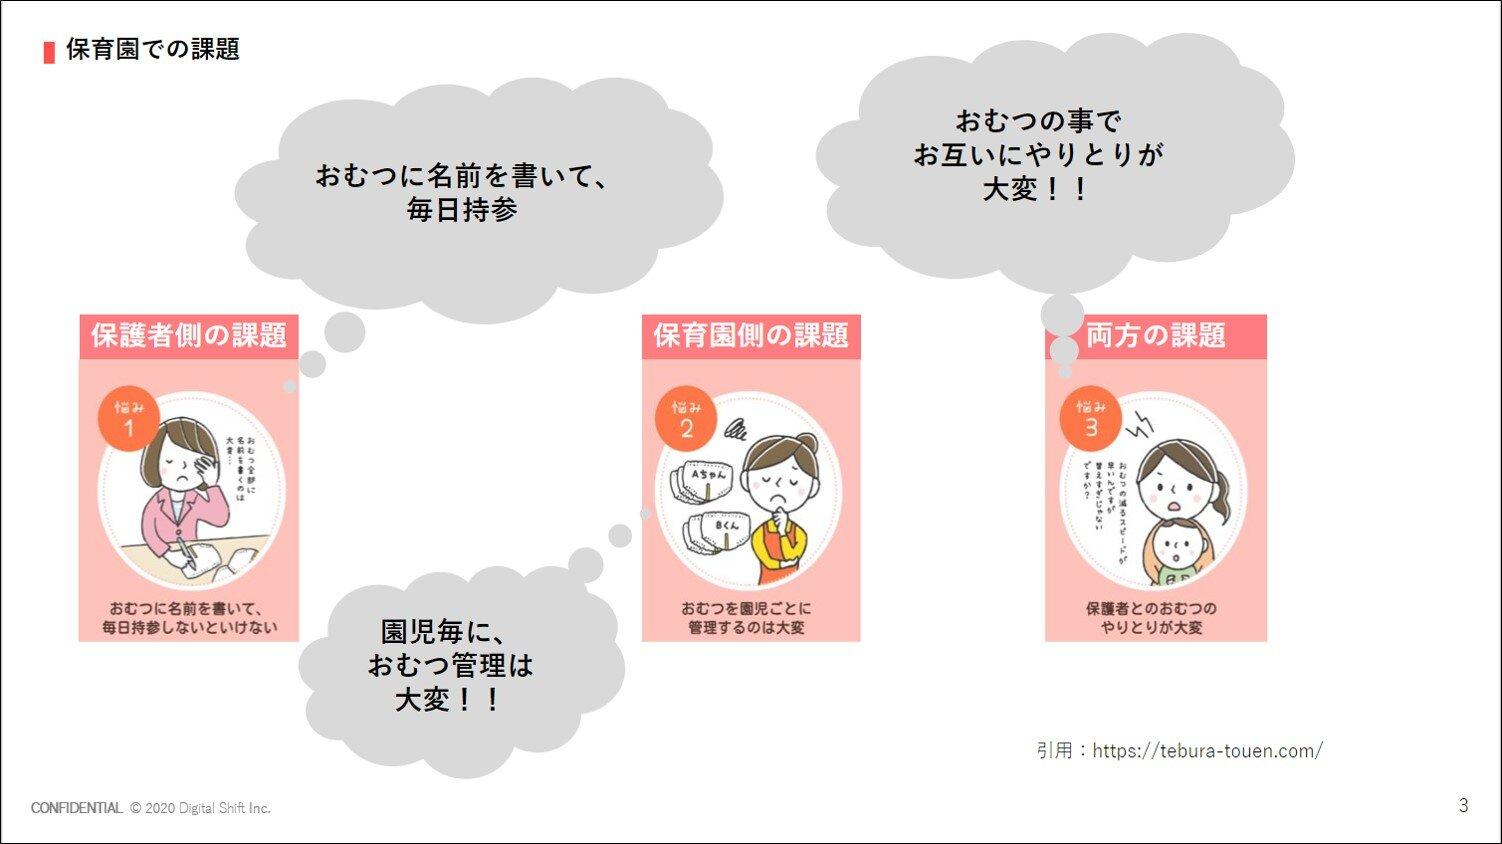 【事例】日本初、保育園で紙おむつが使い放題のサブスクリプション「手ぶら登園」